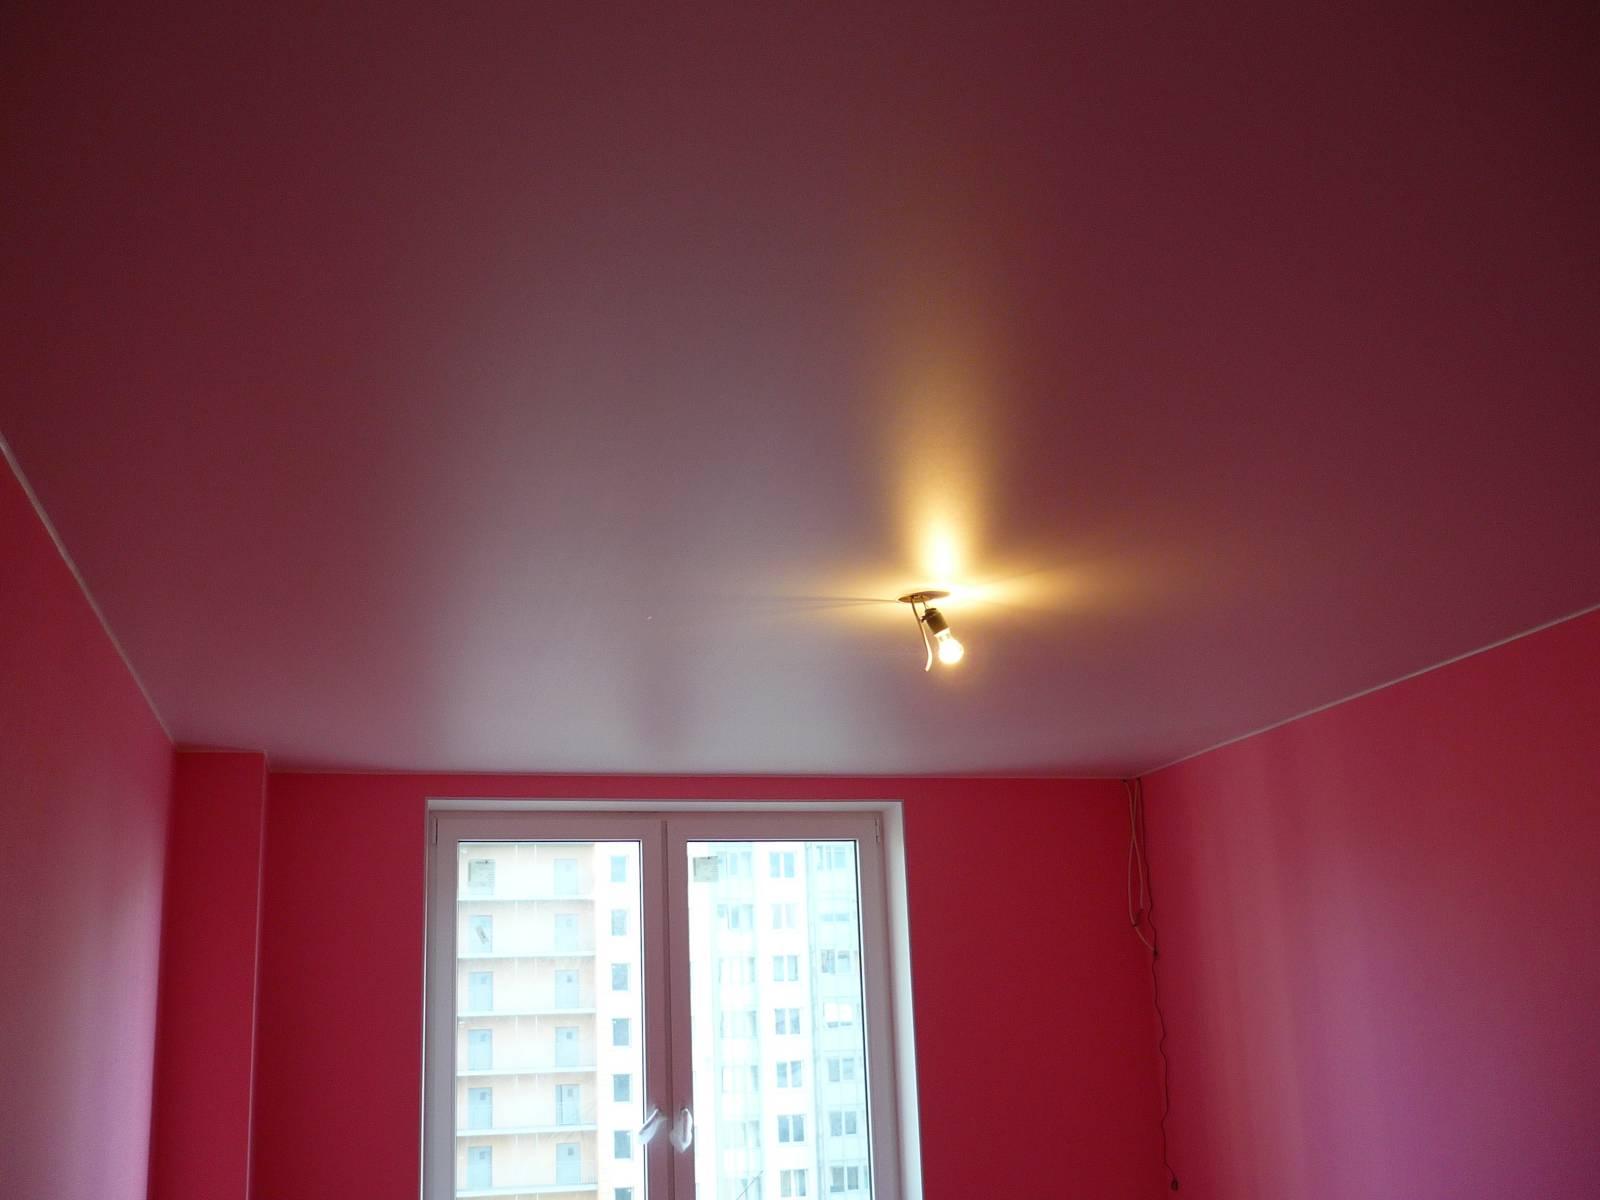 Сатиновый красный потолок с закладной для дальнейшего монтажа люстры